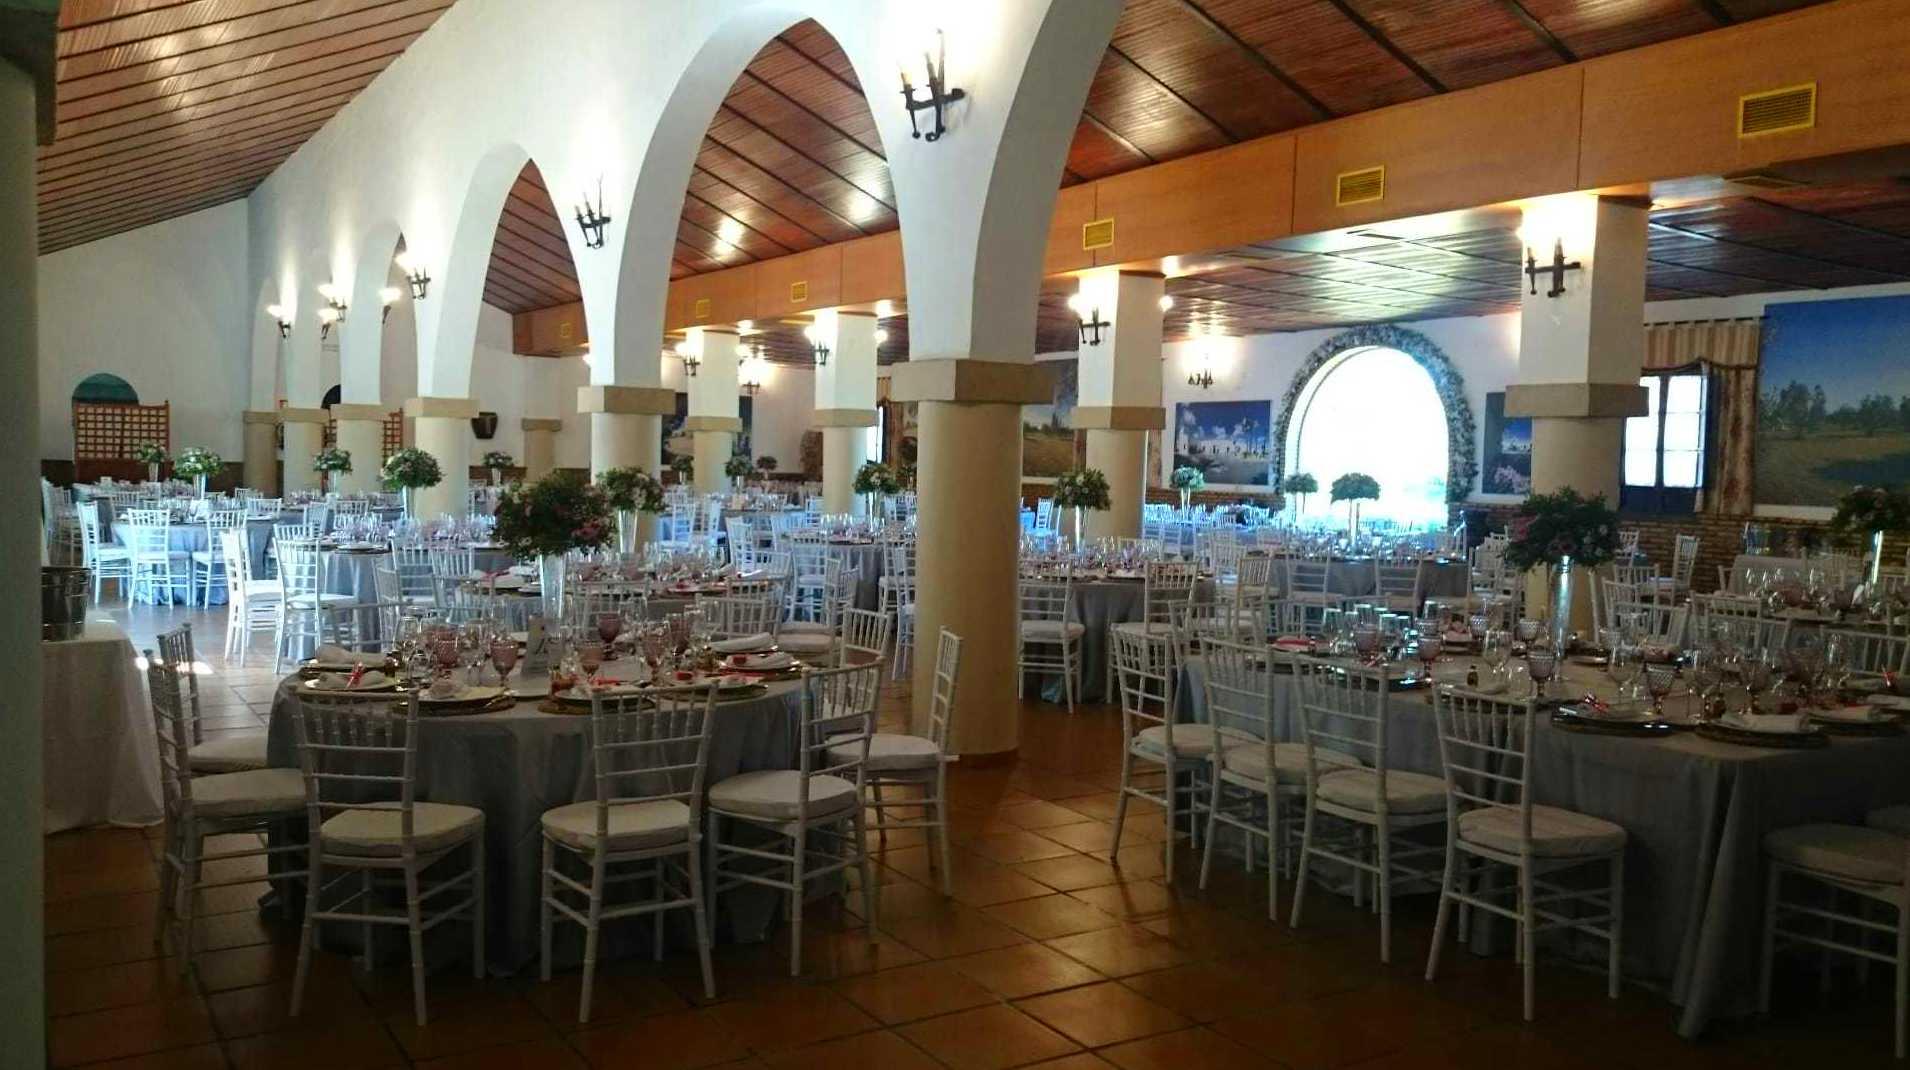 Foto 10 de Celebración de bodas en Alcalá de Guadaíra | Hacienda Mendieta